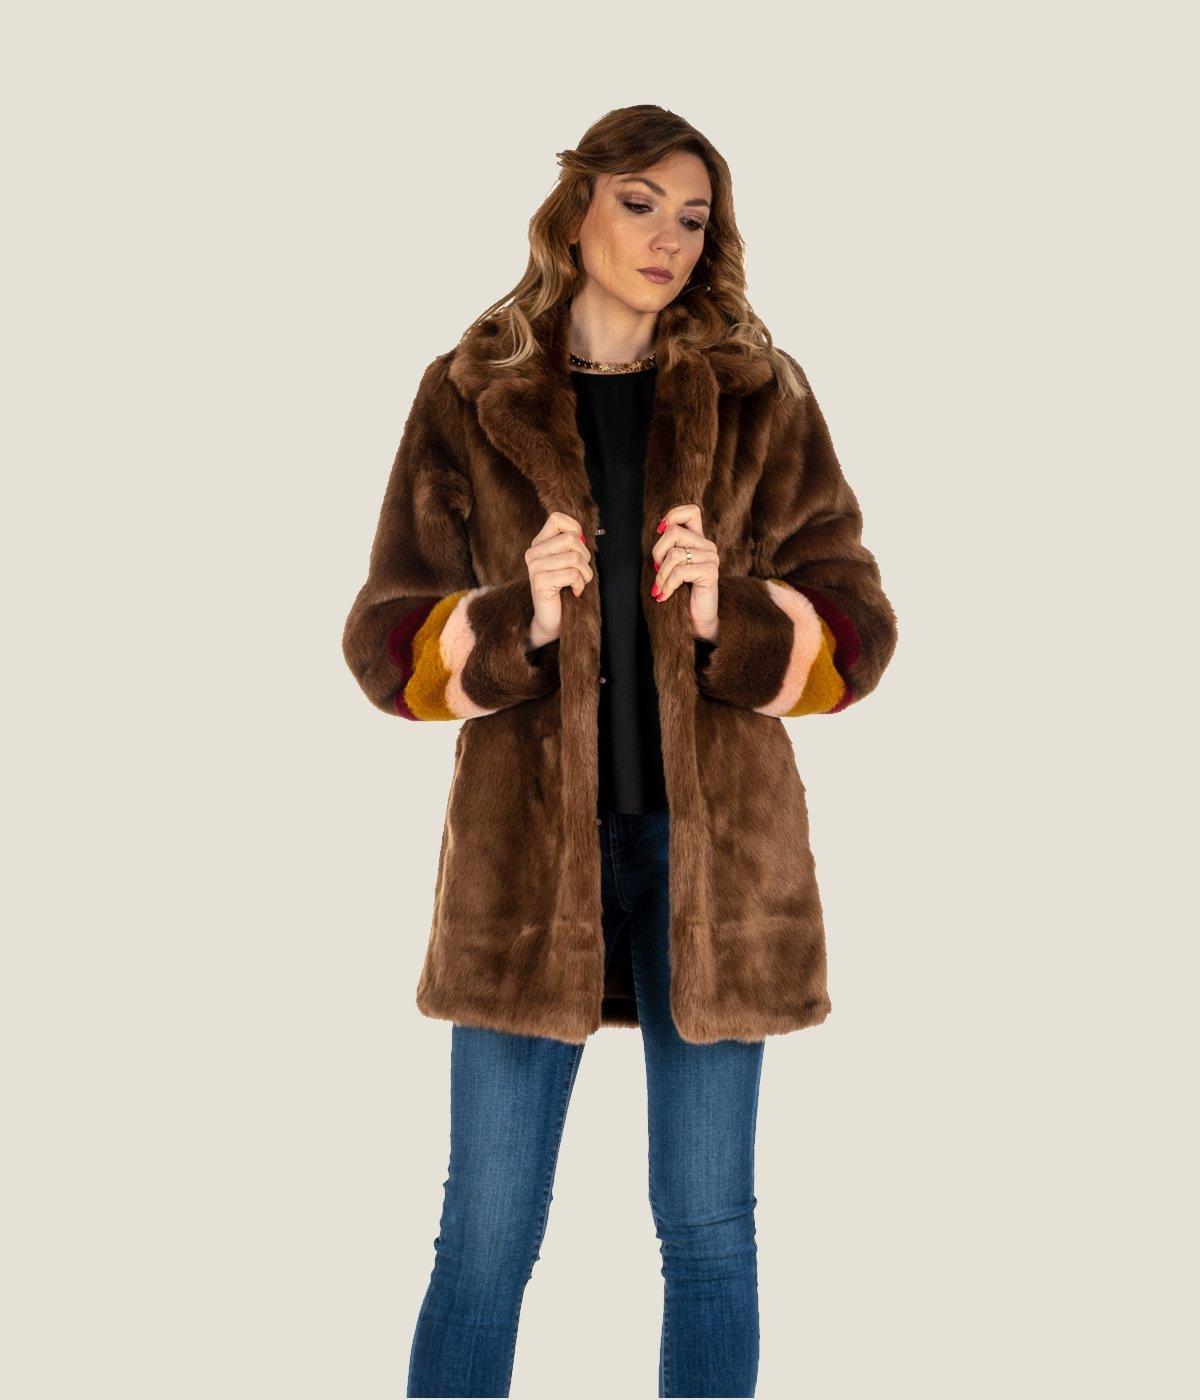 buy popular 989b5 47659 PELLICCIA DONNA PINKO MARRONE CAPPOTTO BROWN FISCHIETTO ECOPELLICCIA